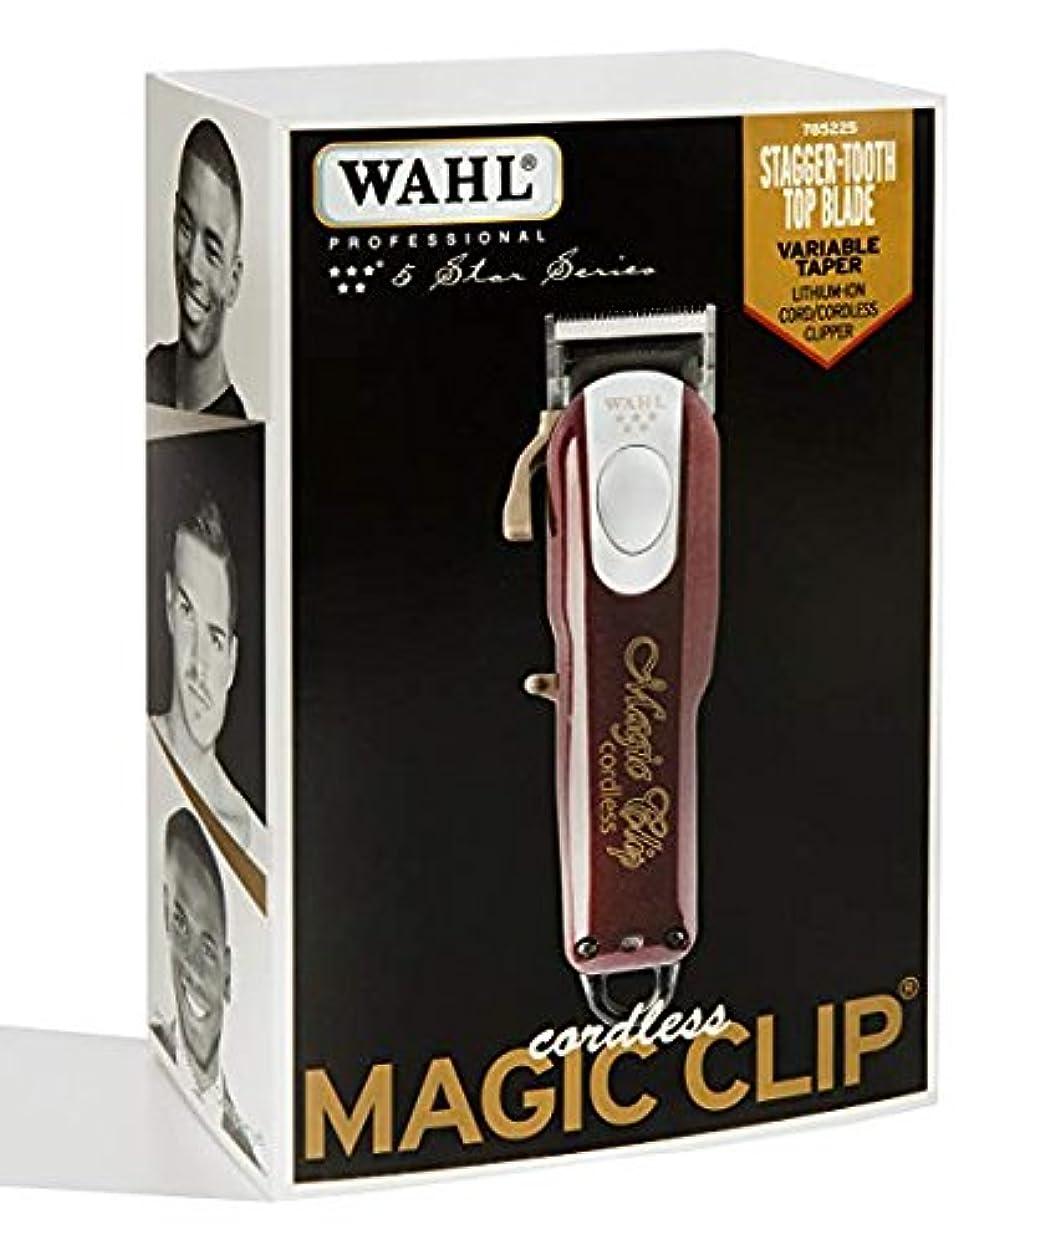 邪魔するふける素晴らしき[Wahl] [すばらしいです 専用 理髪店とスタイリスト - 90分以上の実行時間 / Professional 5-Star Cord/Cordless Magic Clip #8148] (並行輸入品)